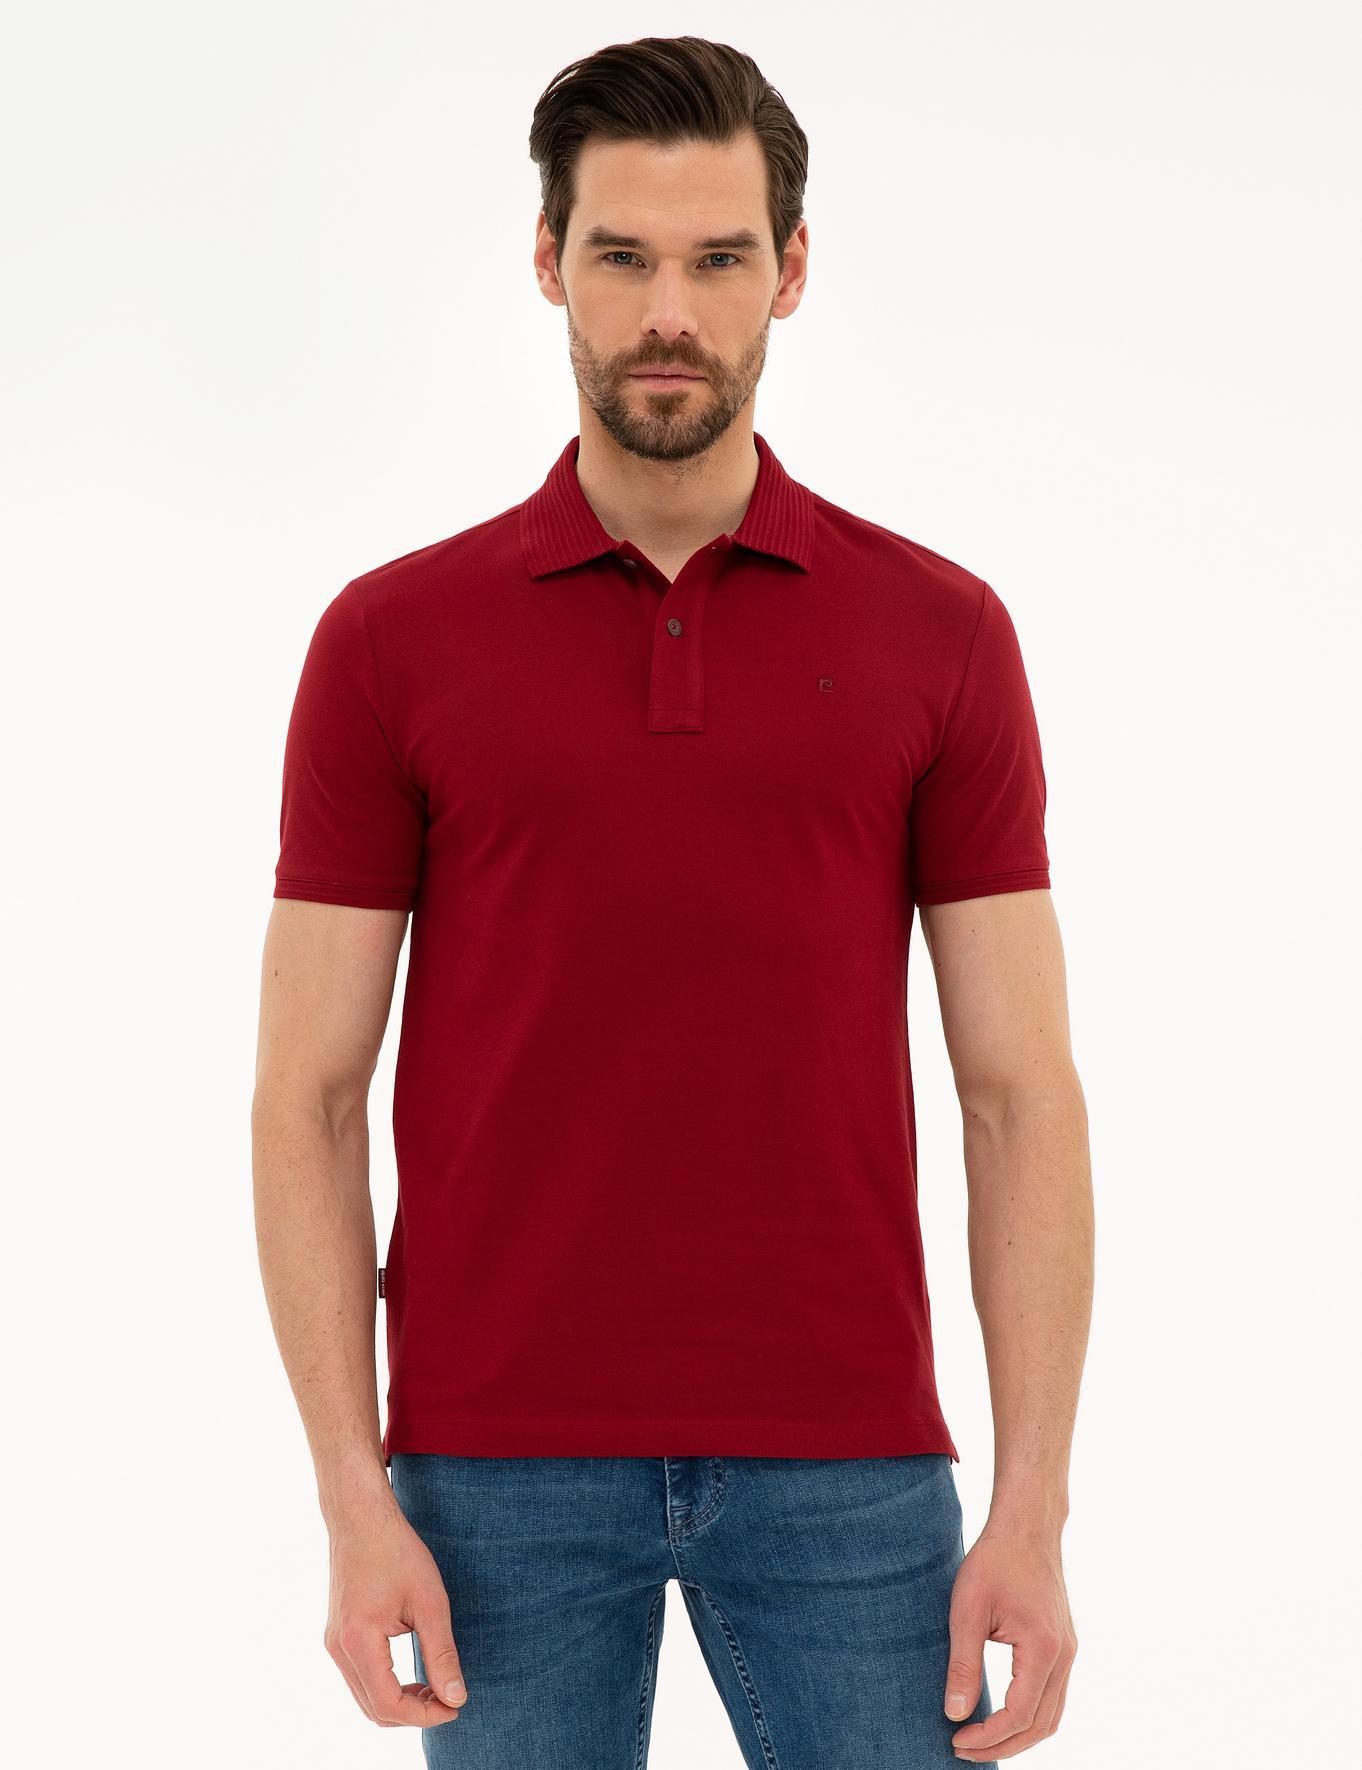 Kırmızı Slim Fit T-Shirt